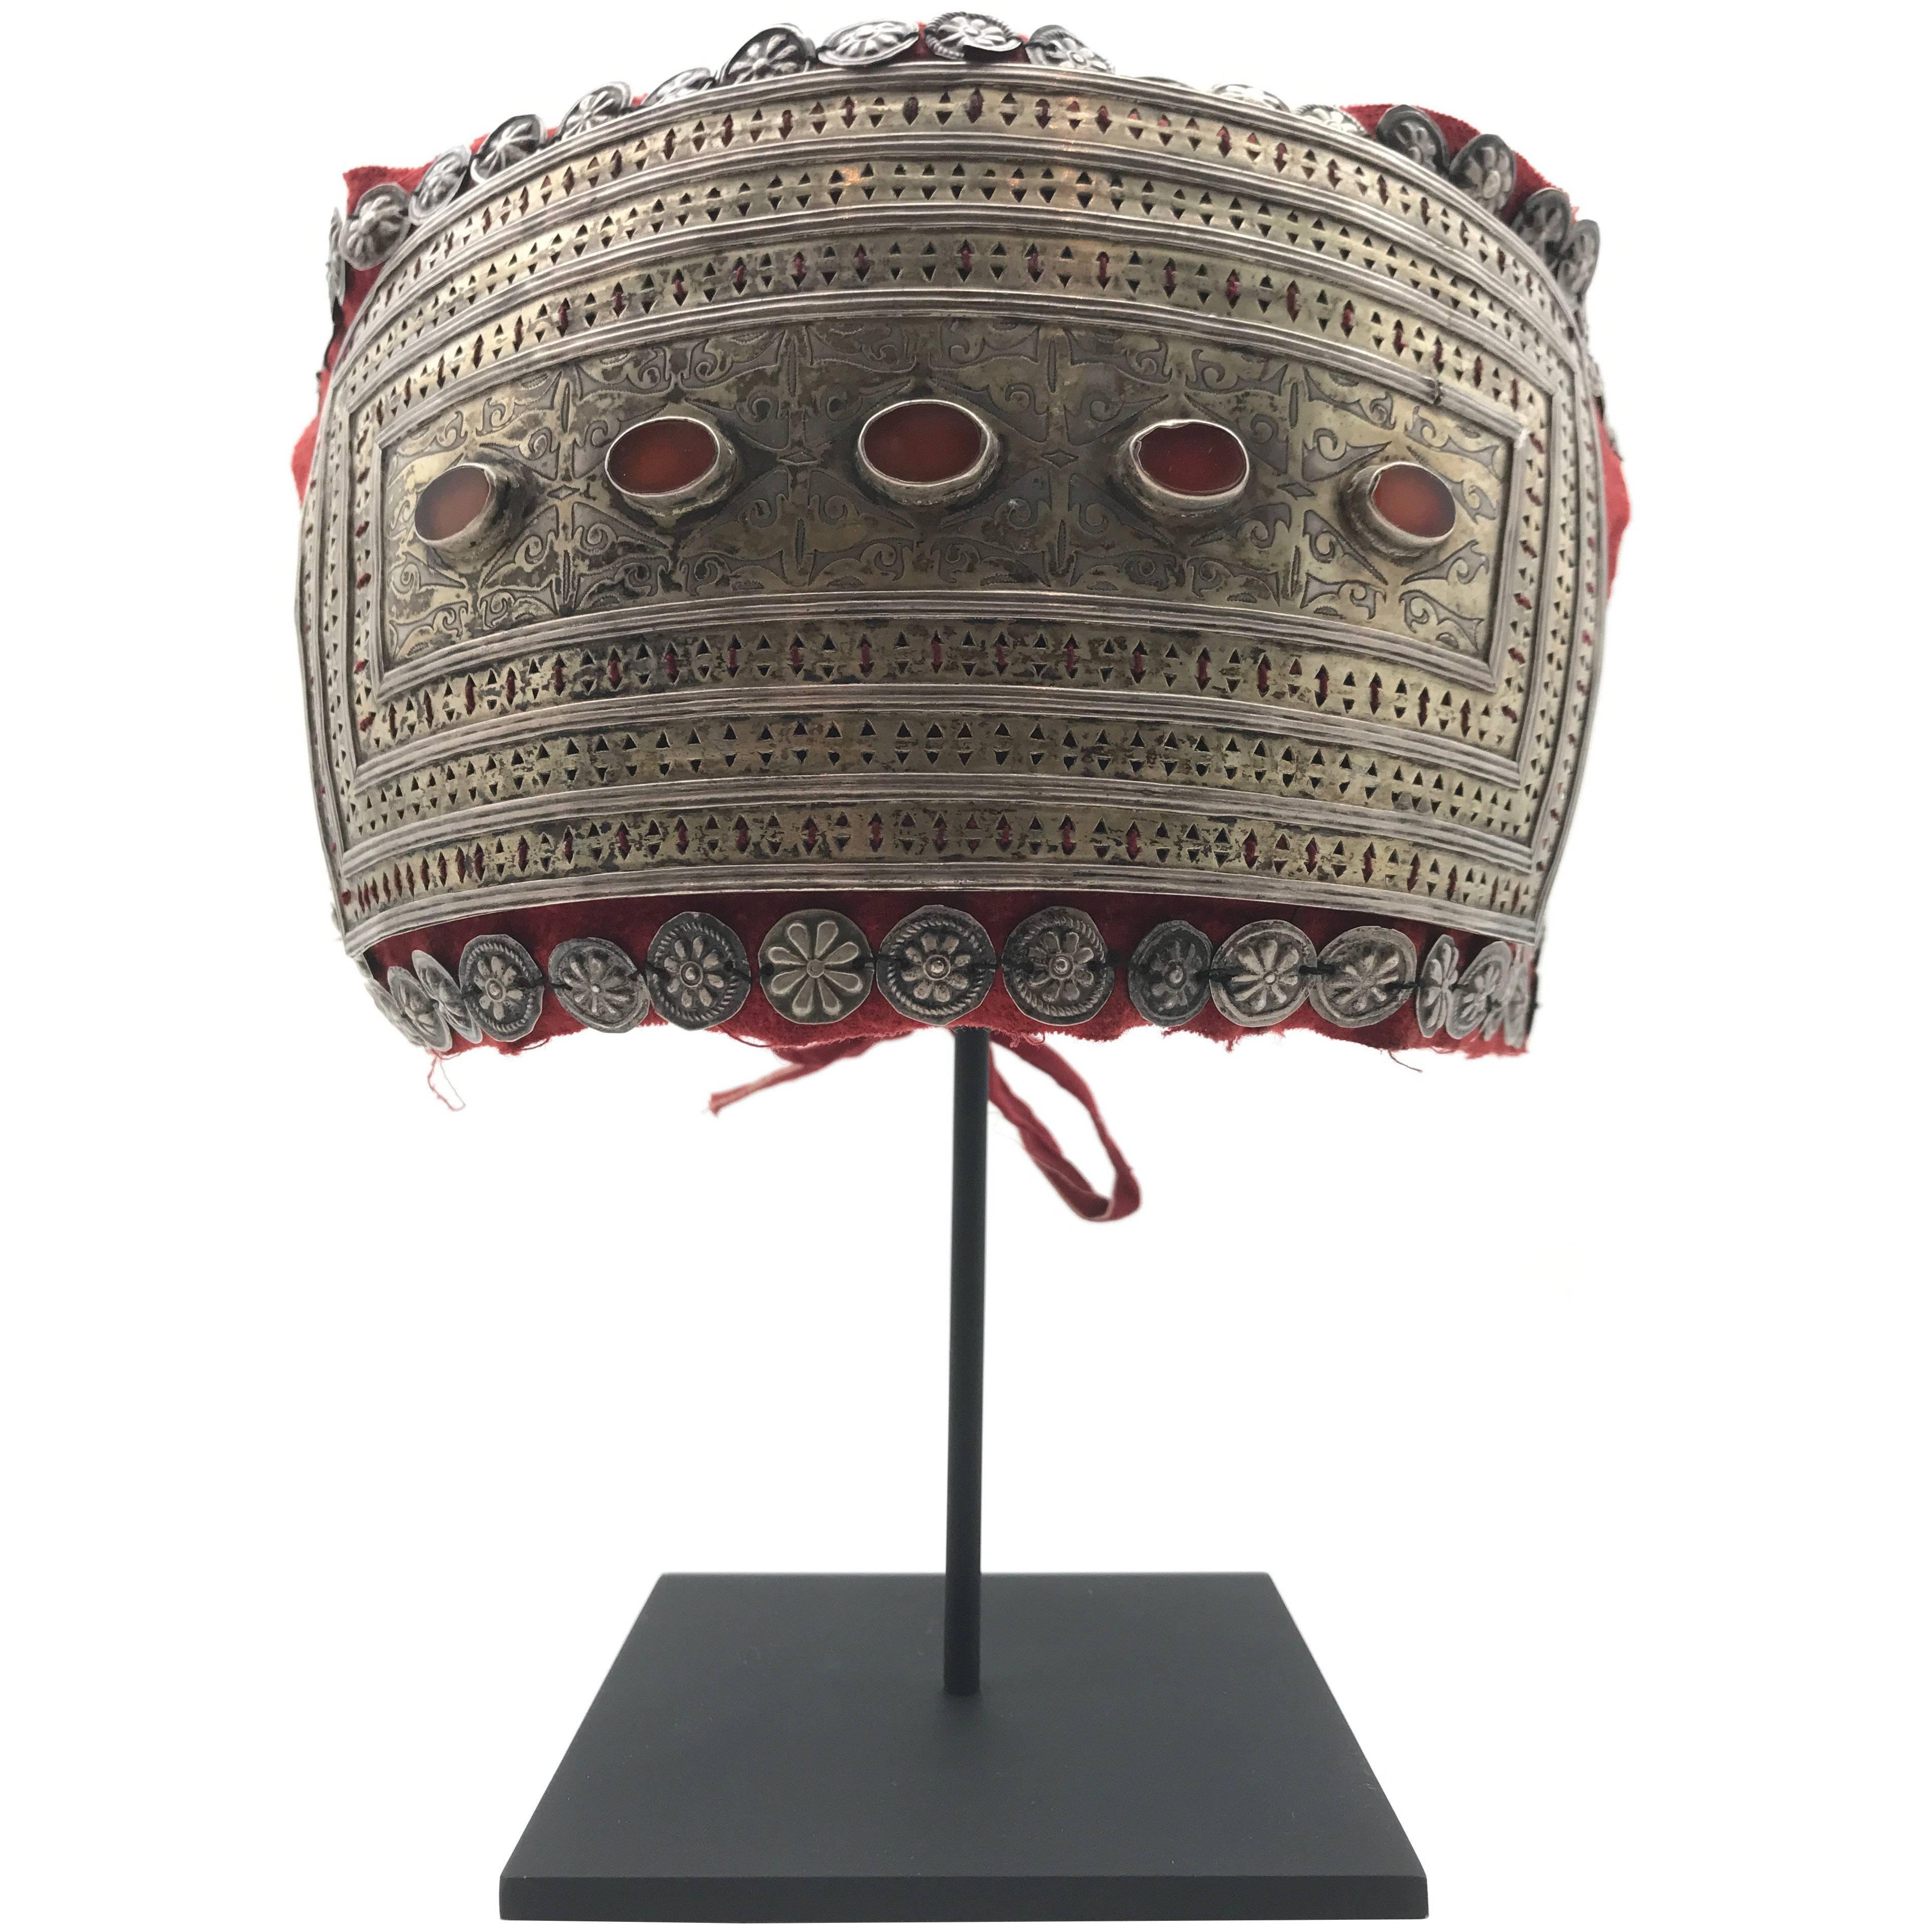 Mounted Silver and Carnelian Headdress from Turkmenistan